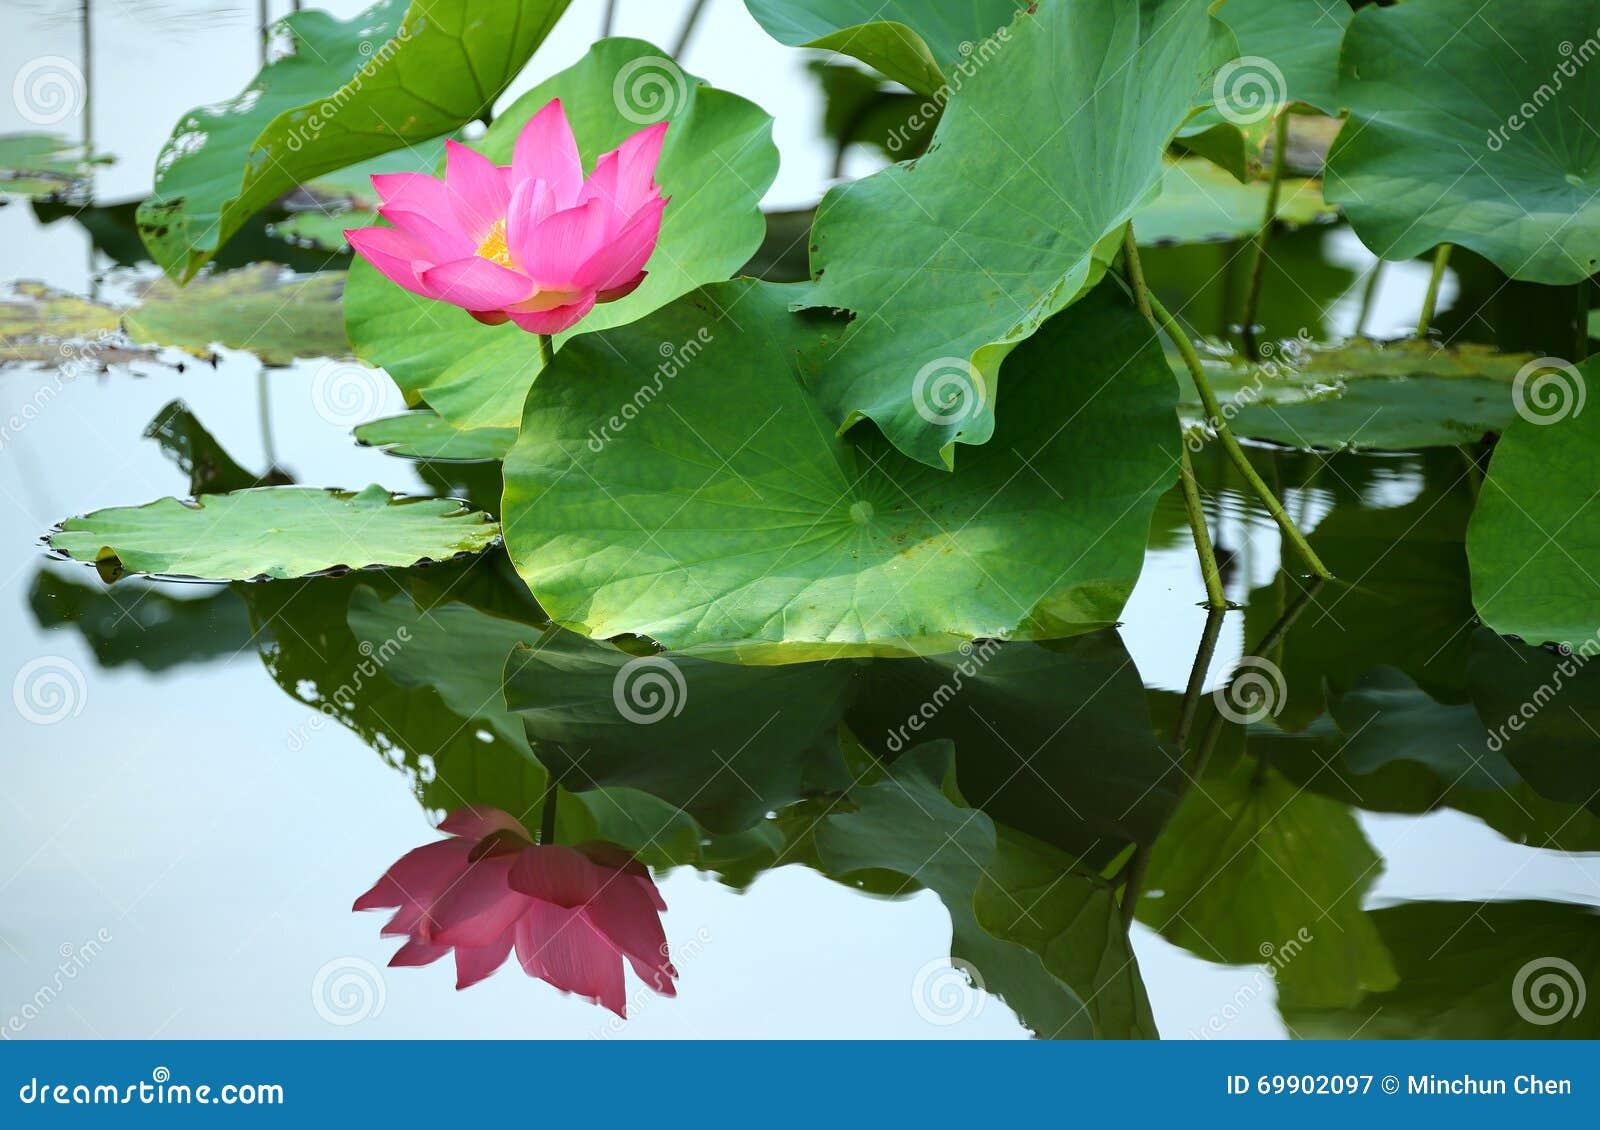 Ένα ρόδινο λουλούδι λωτού που ανθίζει μεταξύ των πολύβλαστων φύλλων σε μια λίμνη